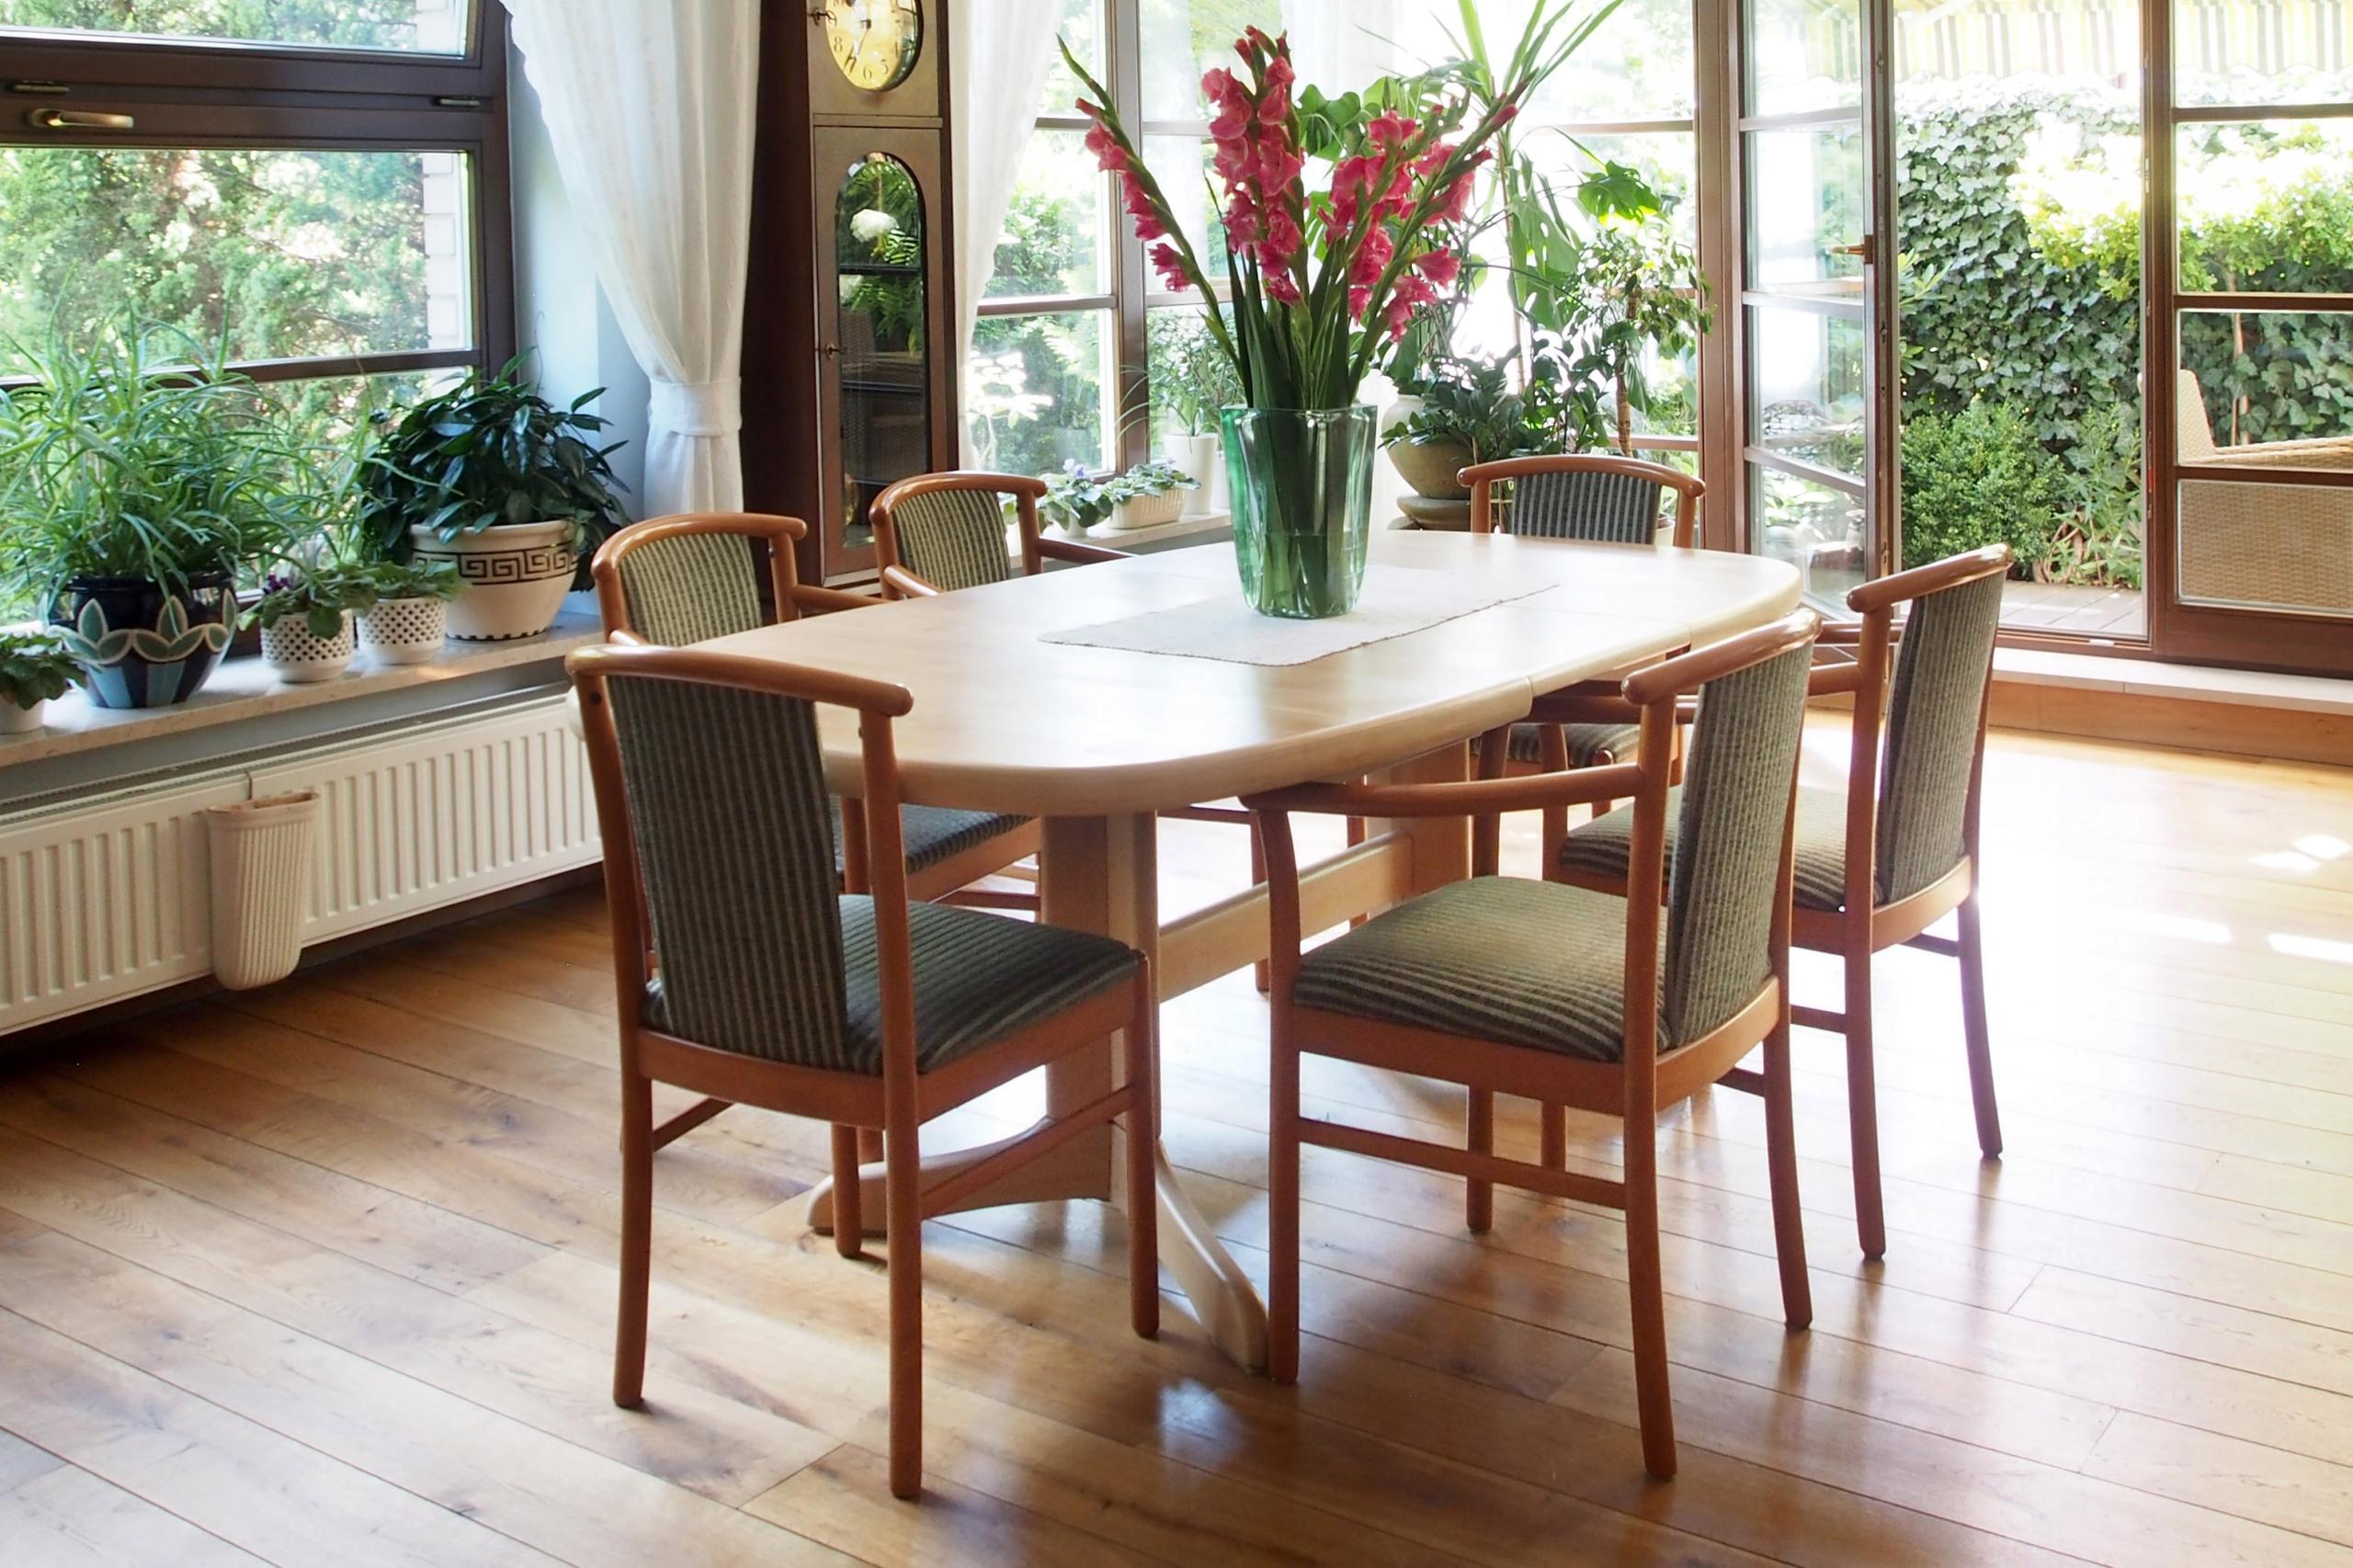 Stół w okleinie drewnianej jasnej, rozkładany